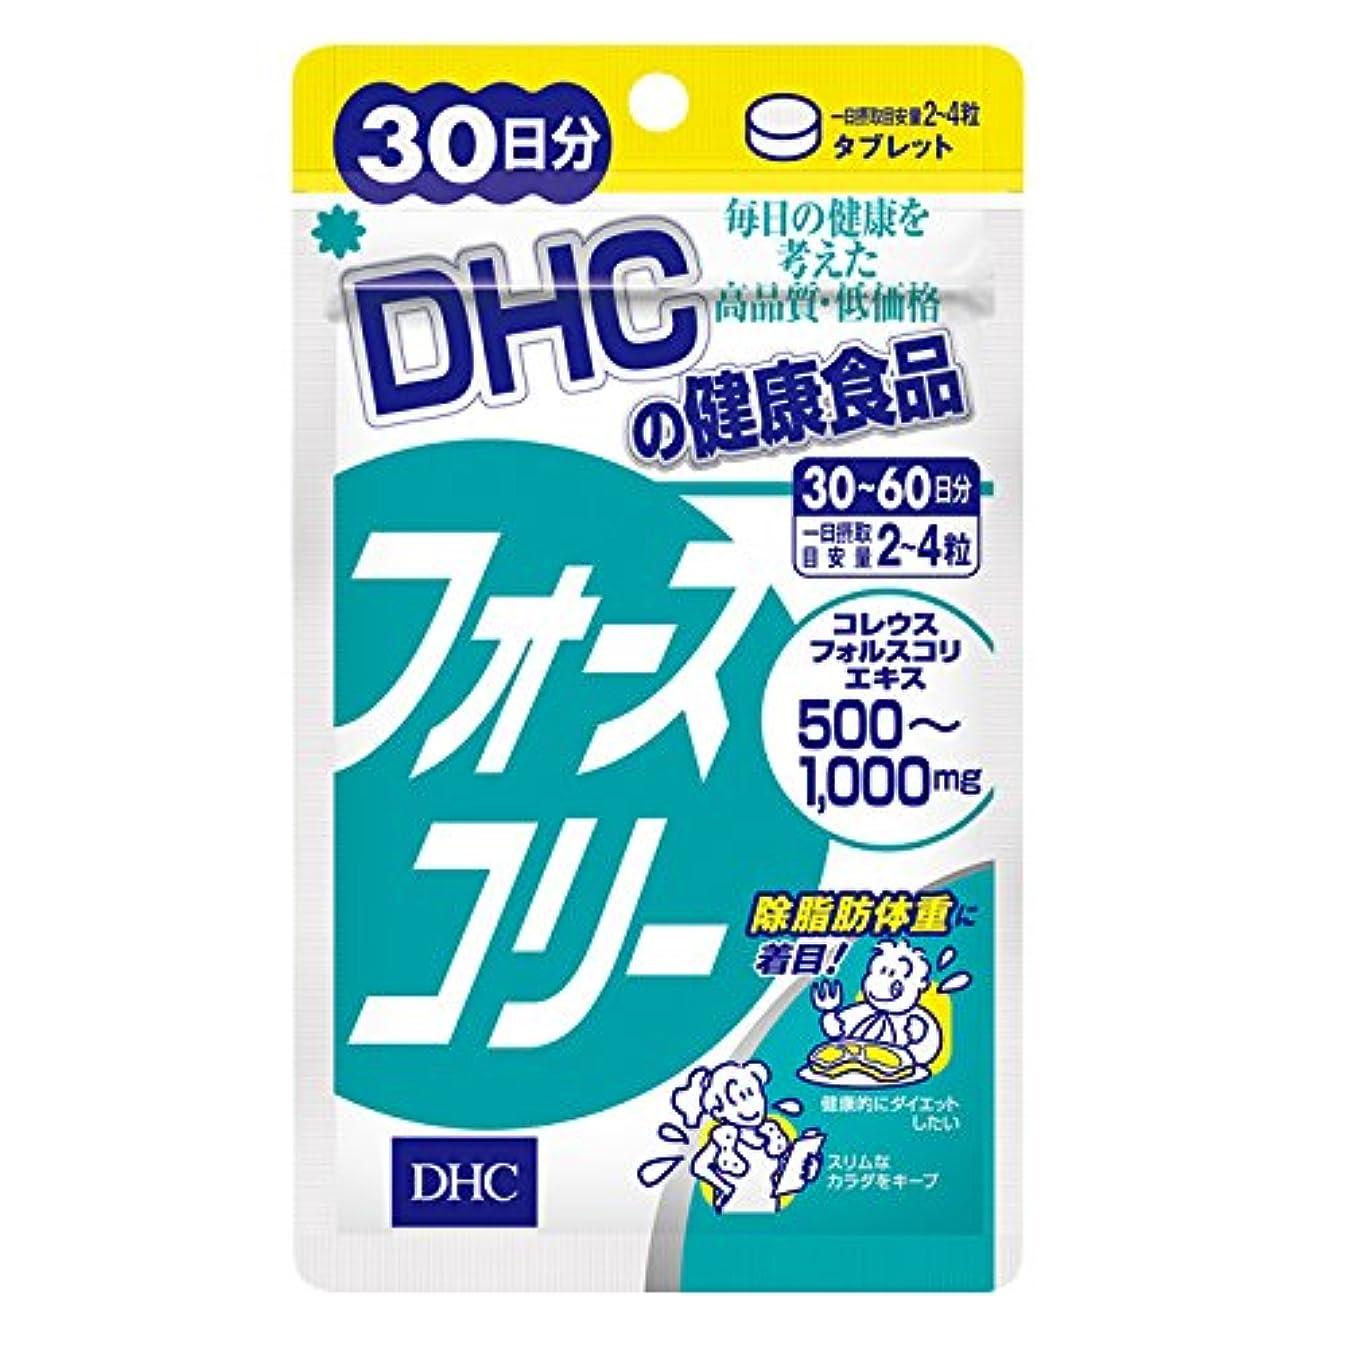 スリラー研磨剤すぐにDHC フォースコリー 30日分